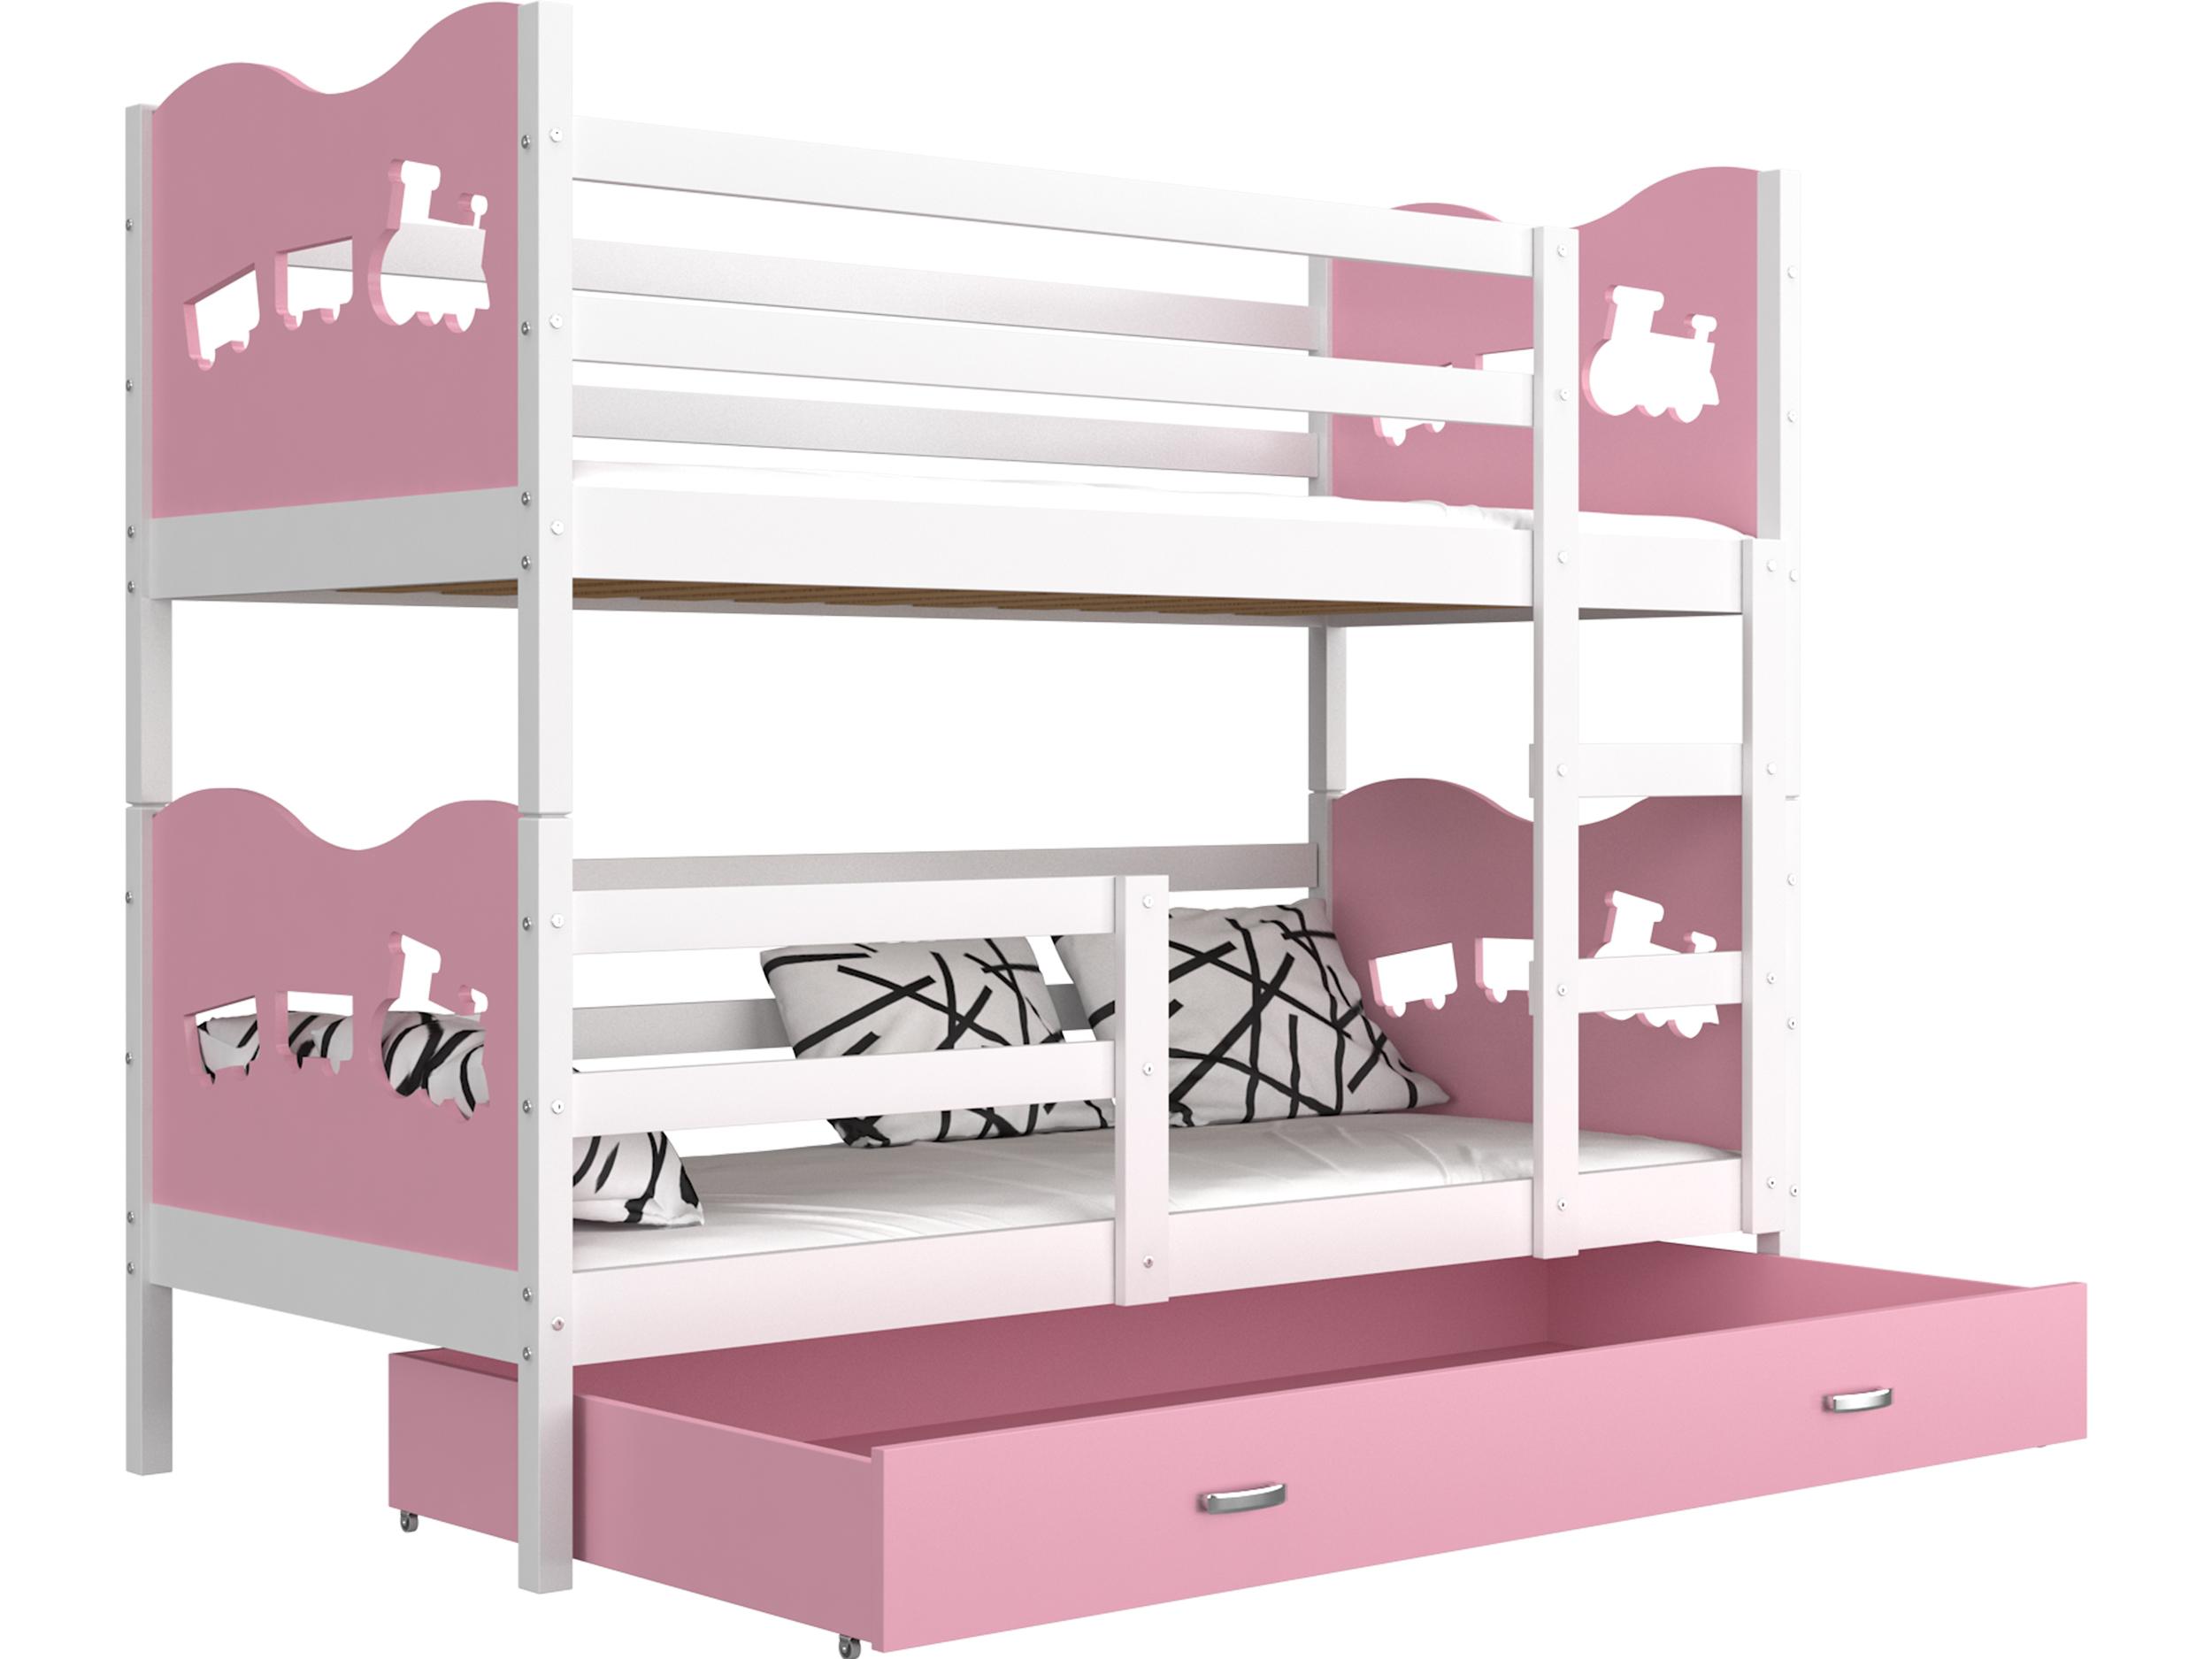 ArtAJ Detská poschodová posteľ MAX / MDF 160 x 80 cm Farba: biela / ružová, Prevedenie: bez matraca 160 x 80 cm